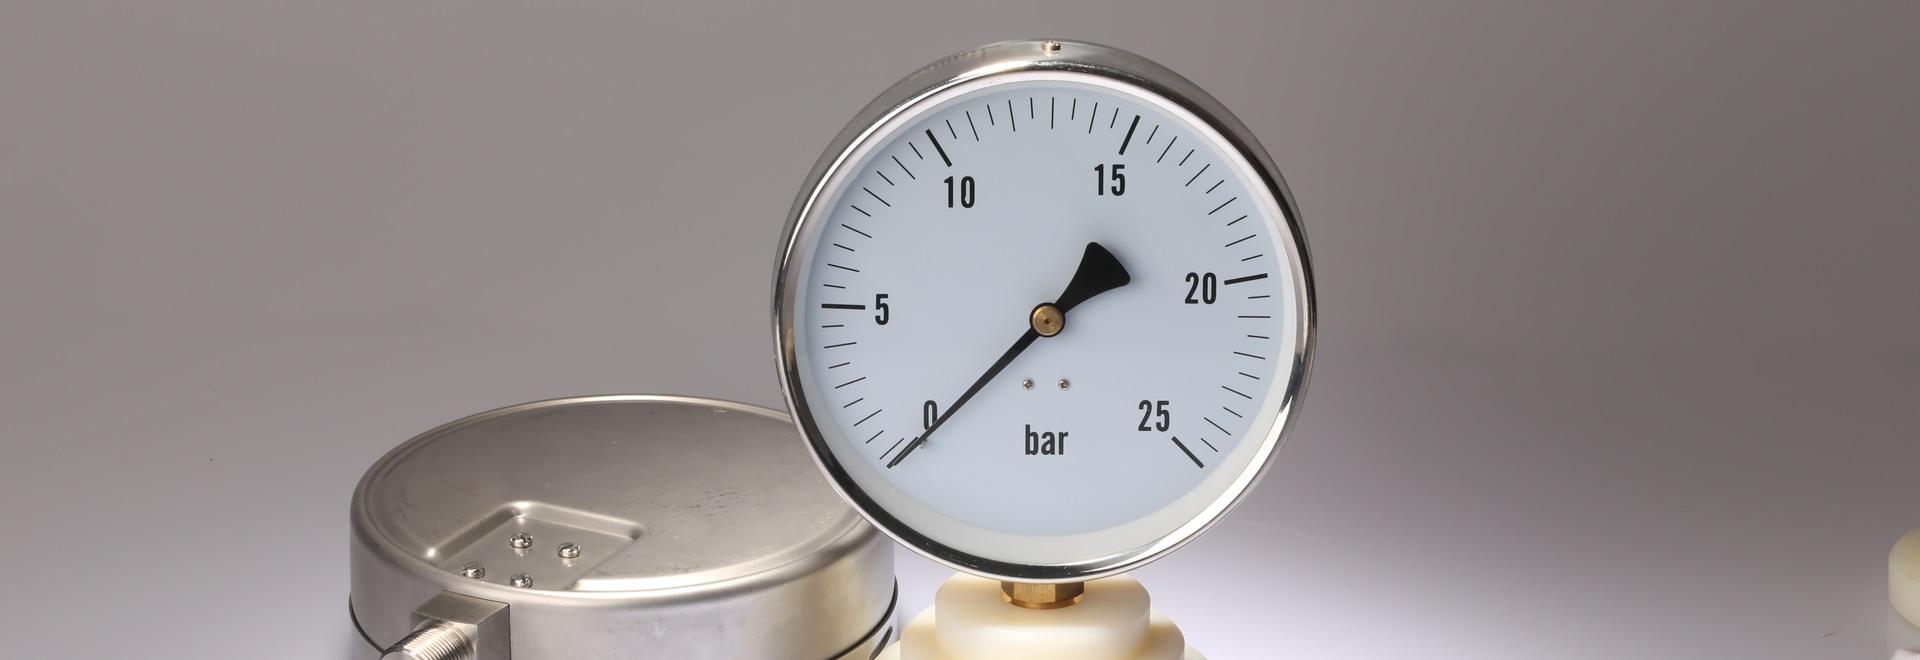 ¿Cómo instalar, utilizar y mantener los indicadores de presión?